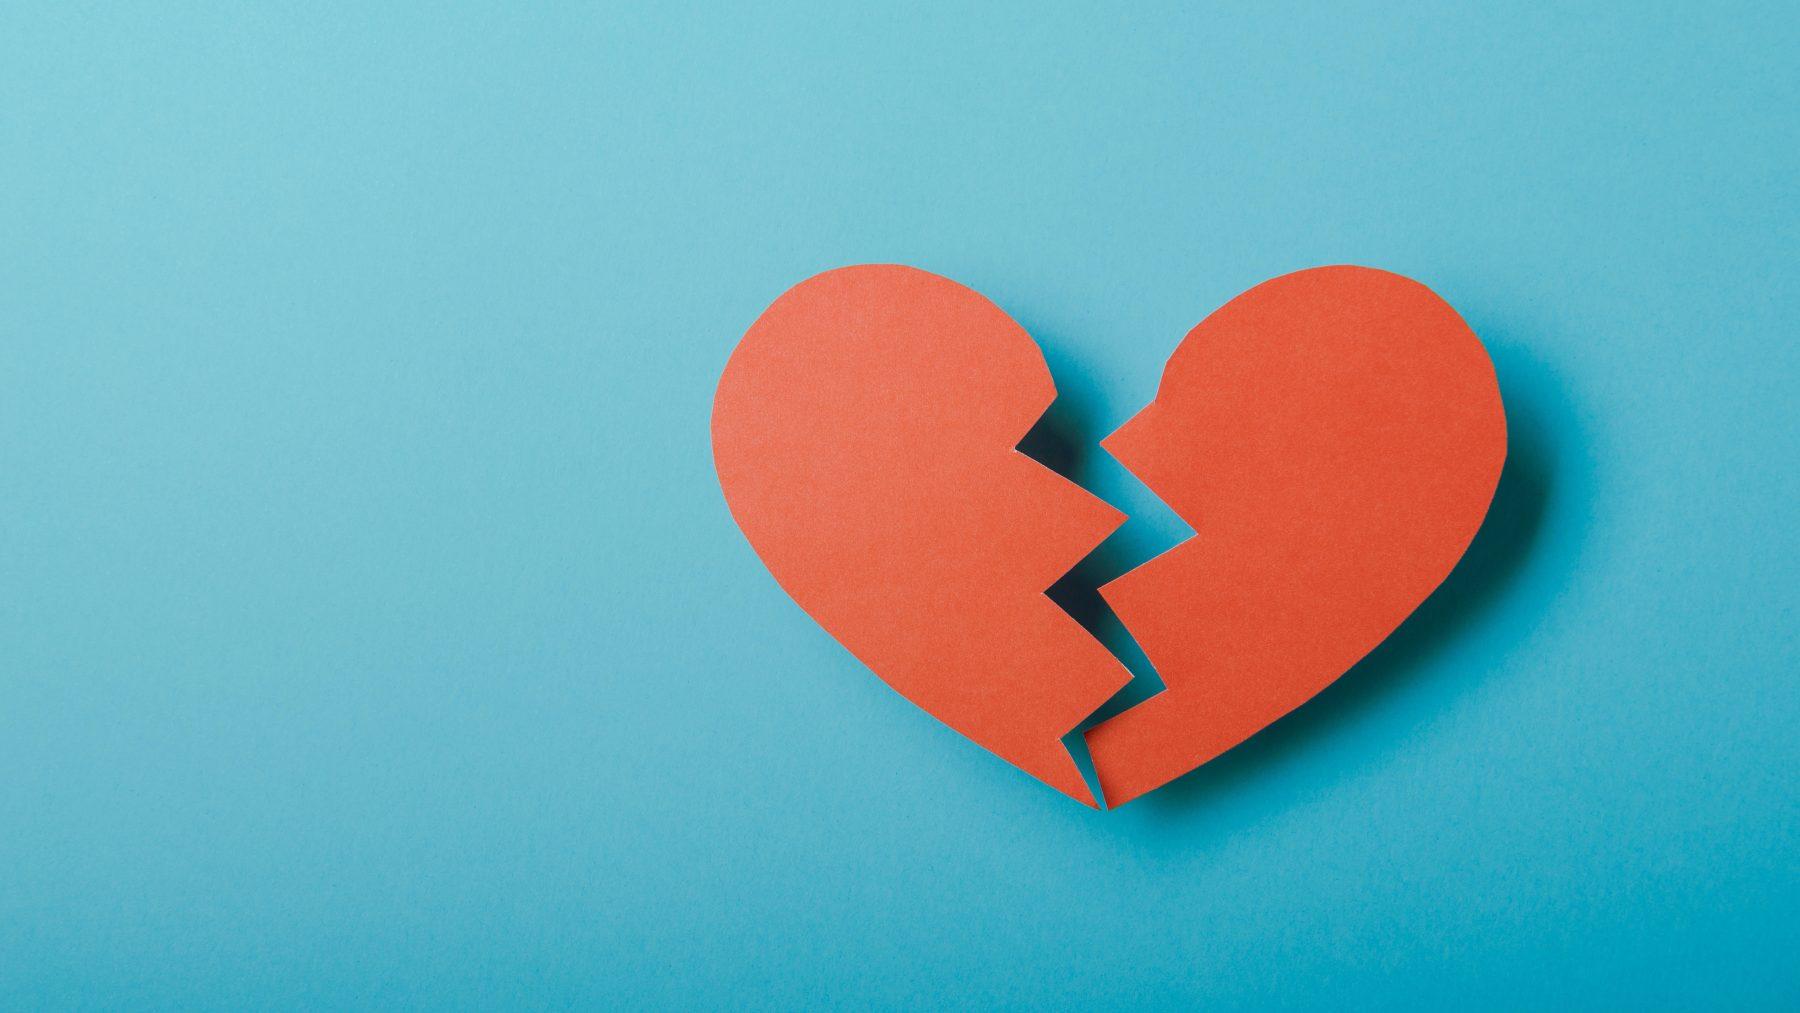 vriendschap-over-corona-relatiepsycholoog